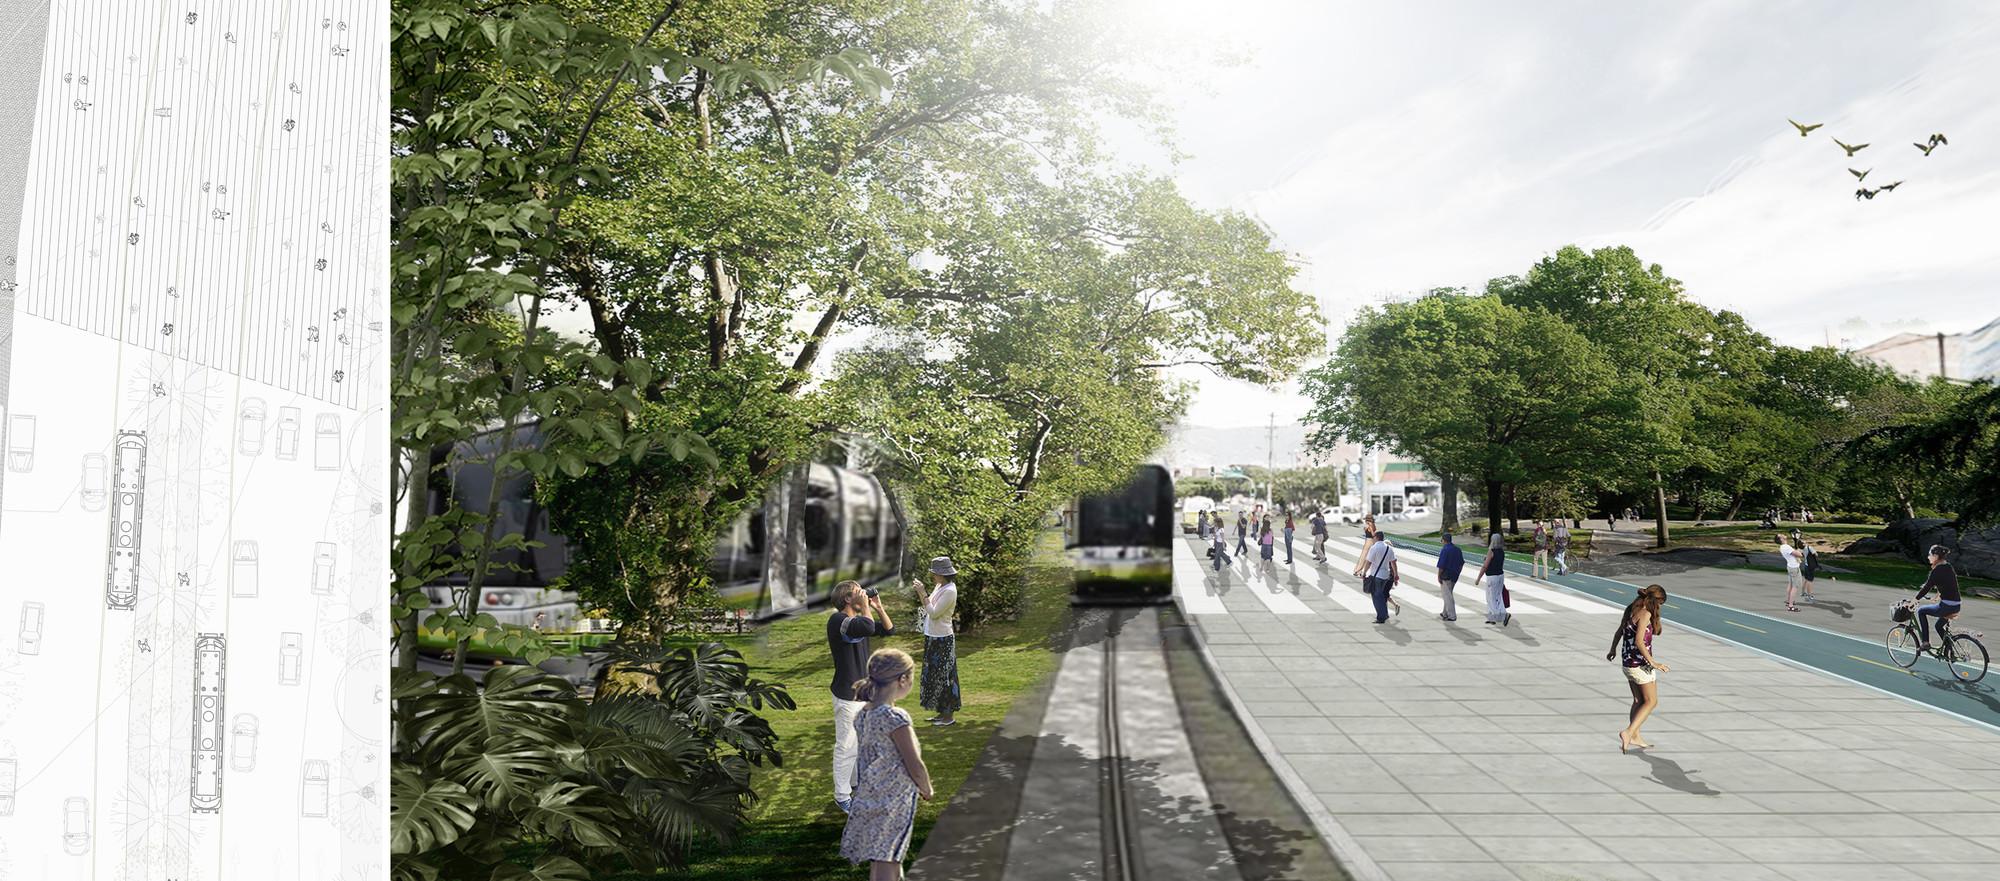 Proyecto urbano 1:500: tranvía. Image Courtesy of Equipo desarrollador